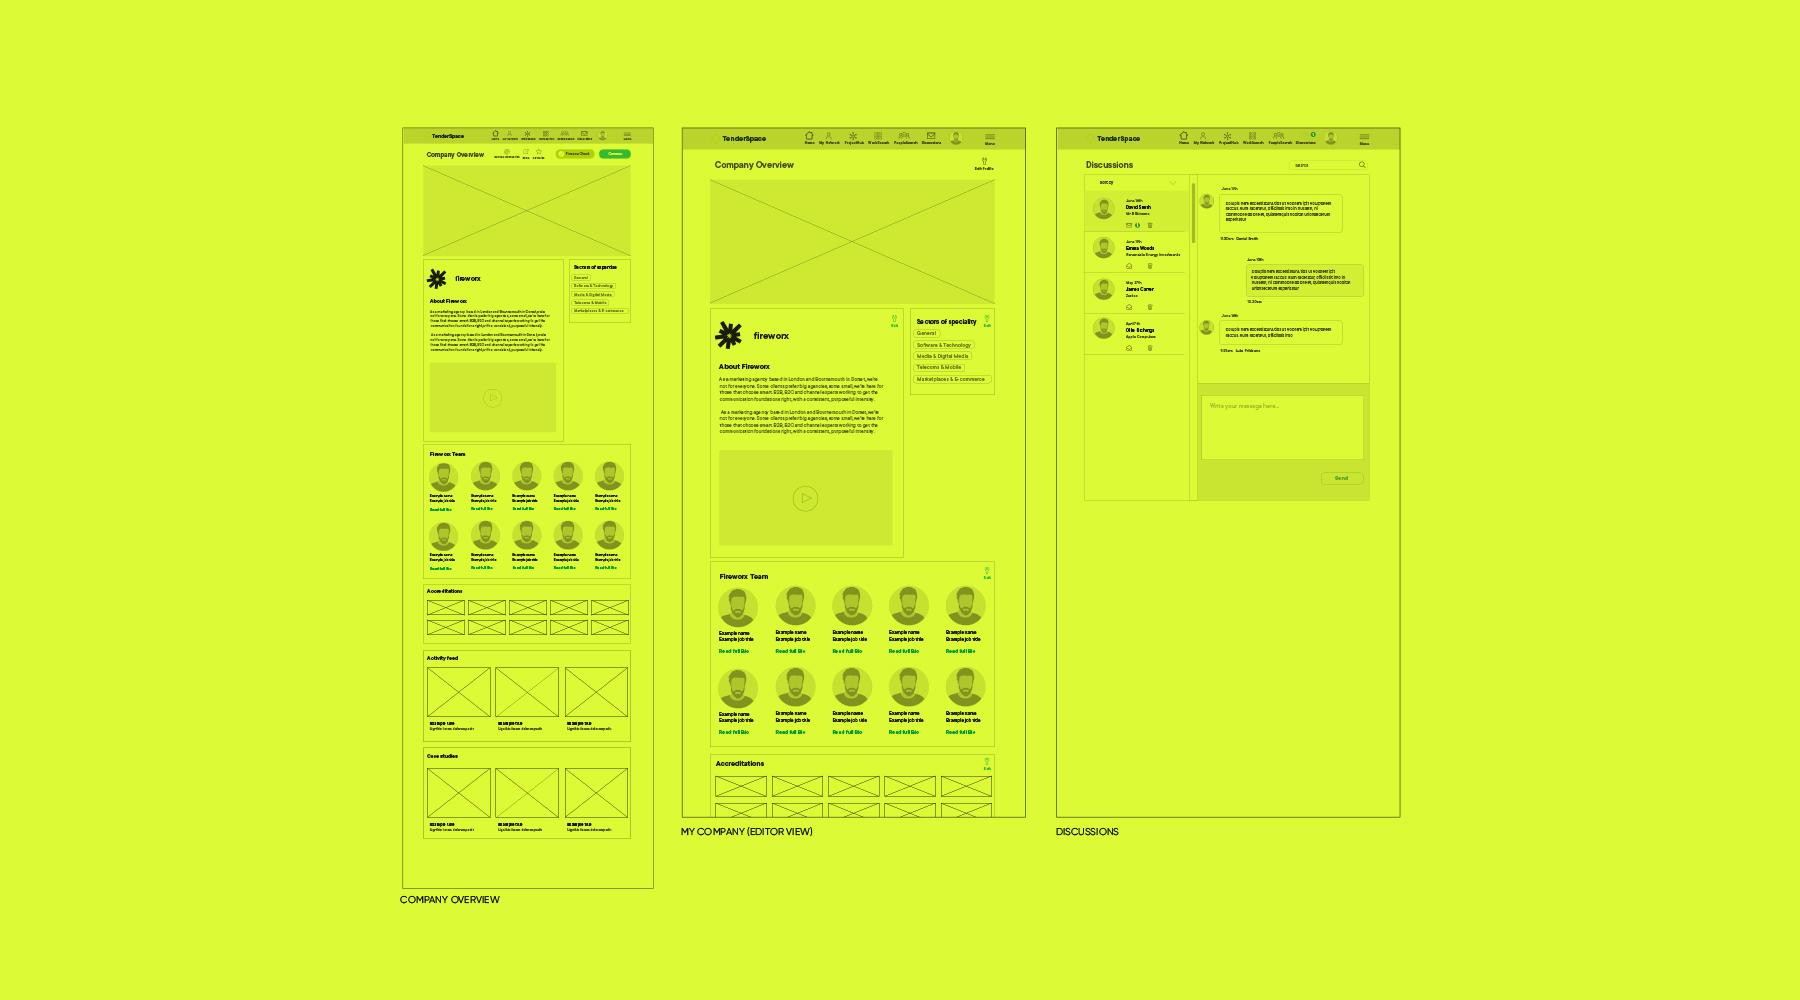 Fireworx Yellow Information Architecture Website Wire Frame